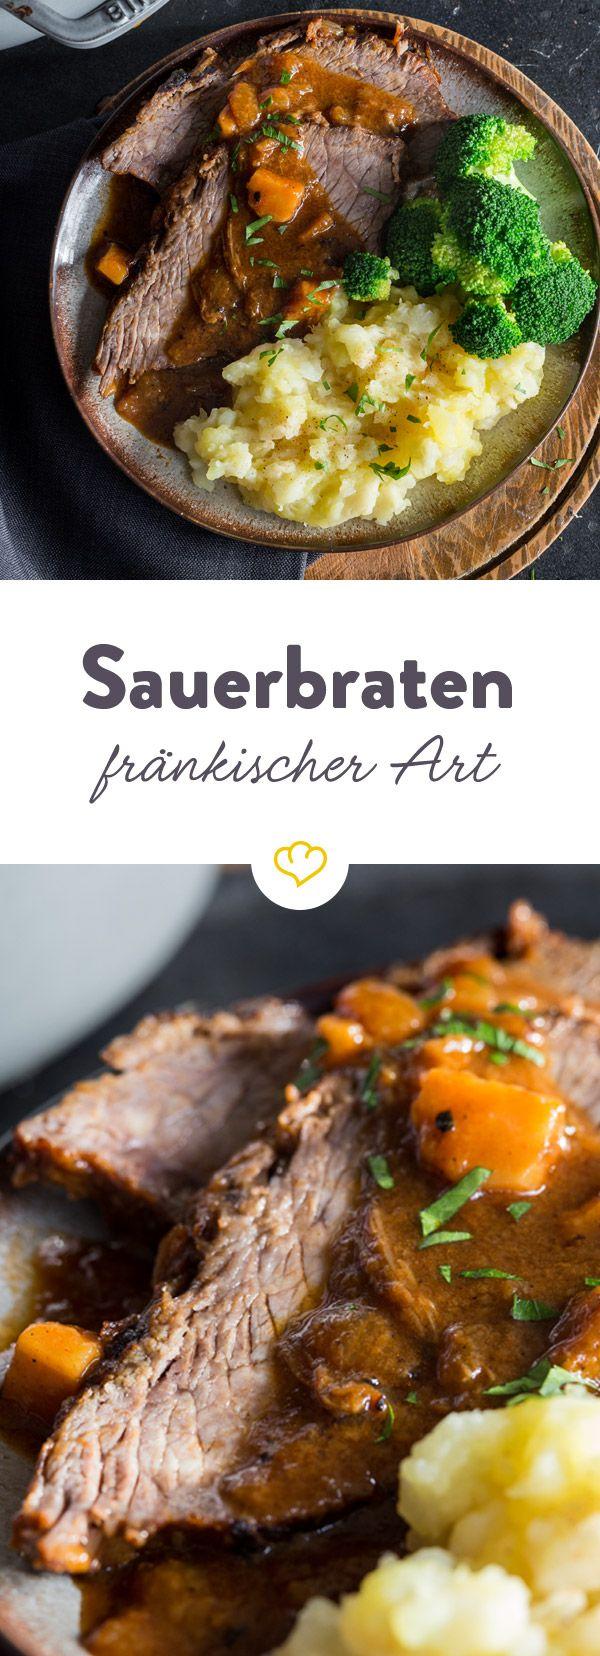 Sauerbraten fränkischer Art mit Selleriepüree | Rezept | Deutsche ...